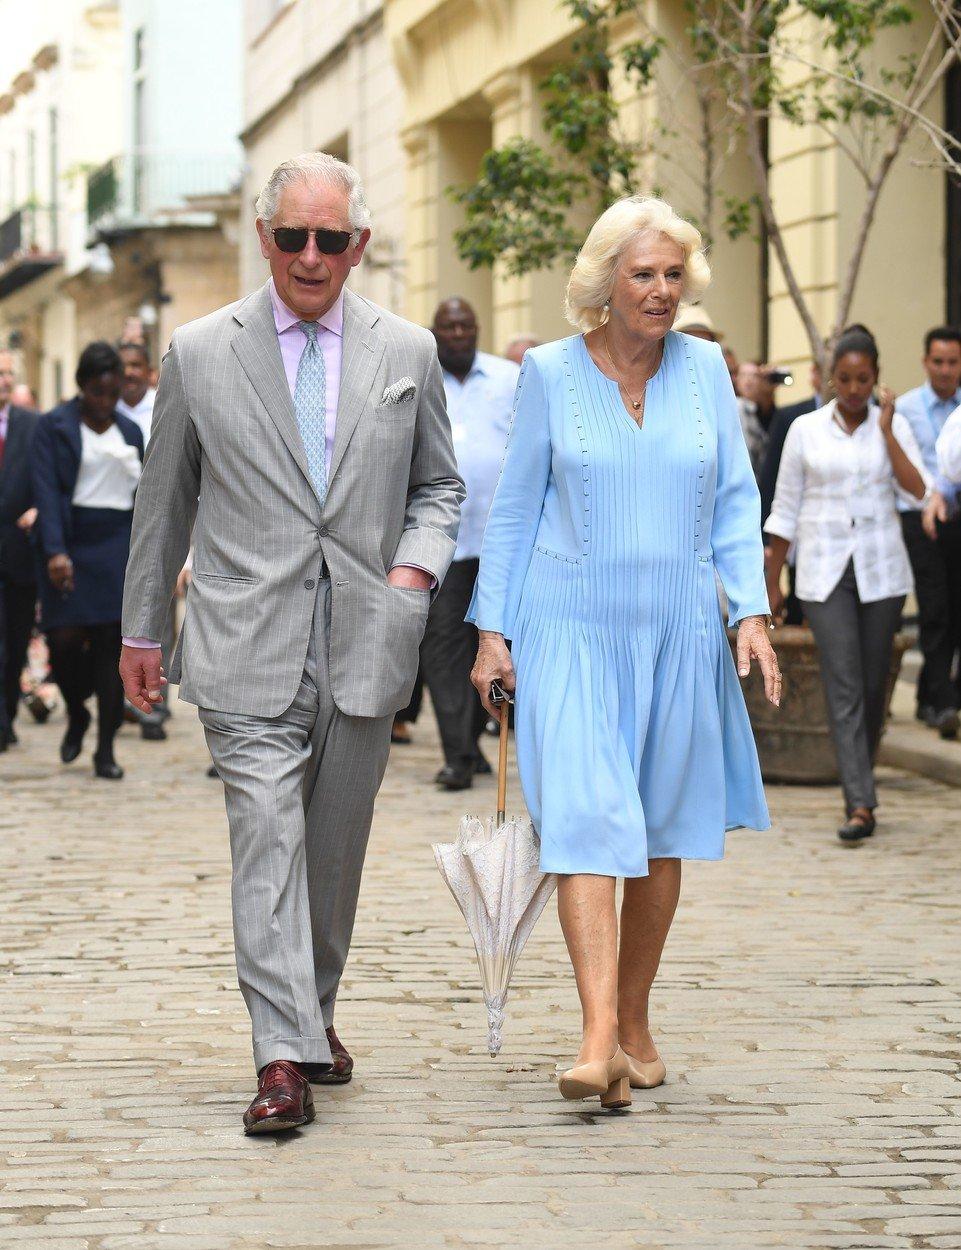 Marele secret al mariajului dintre Printul Charles si Camilla Bowles.